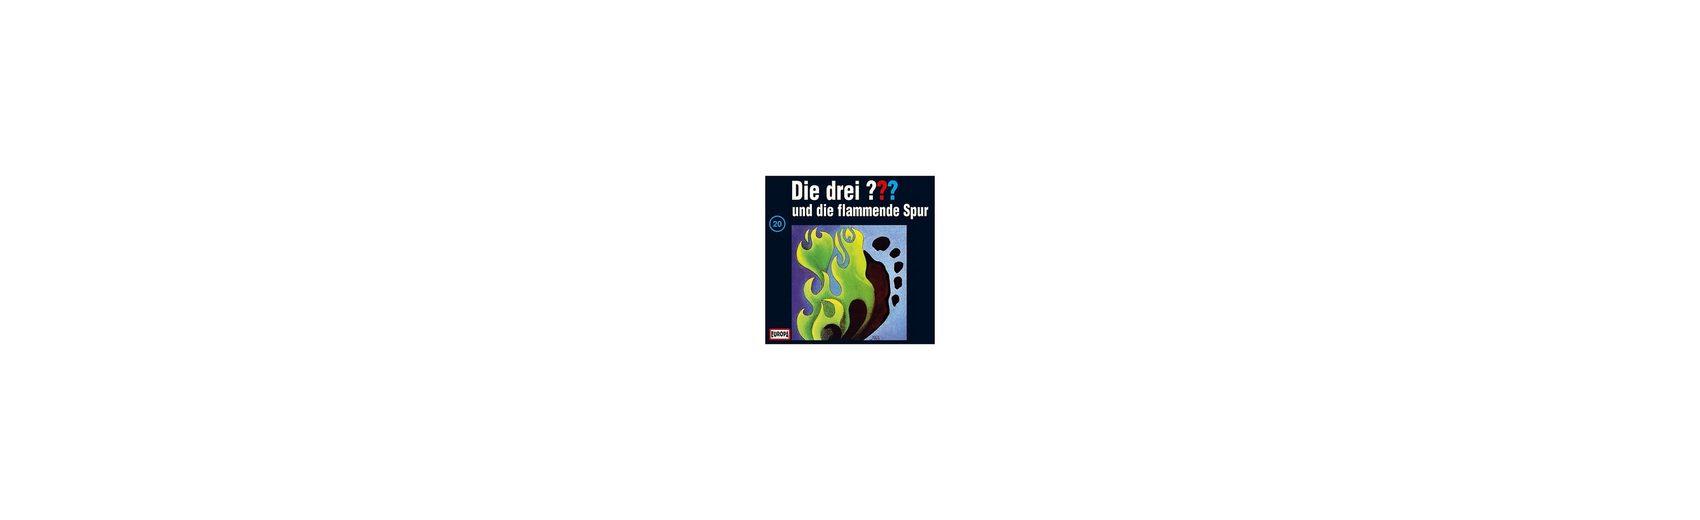 SONY BMG MUSIC CD Die Drei ??? 020/und die flammende Spur